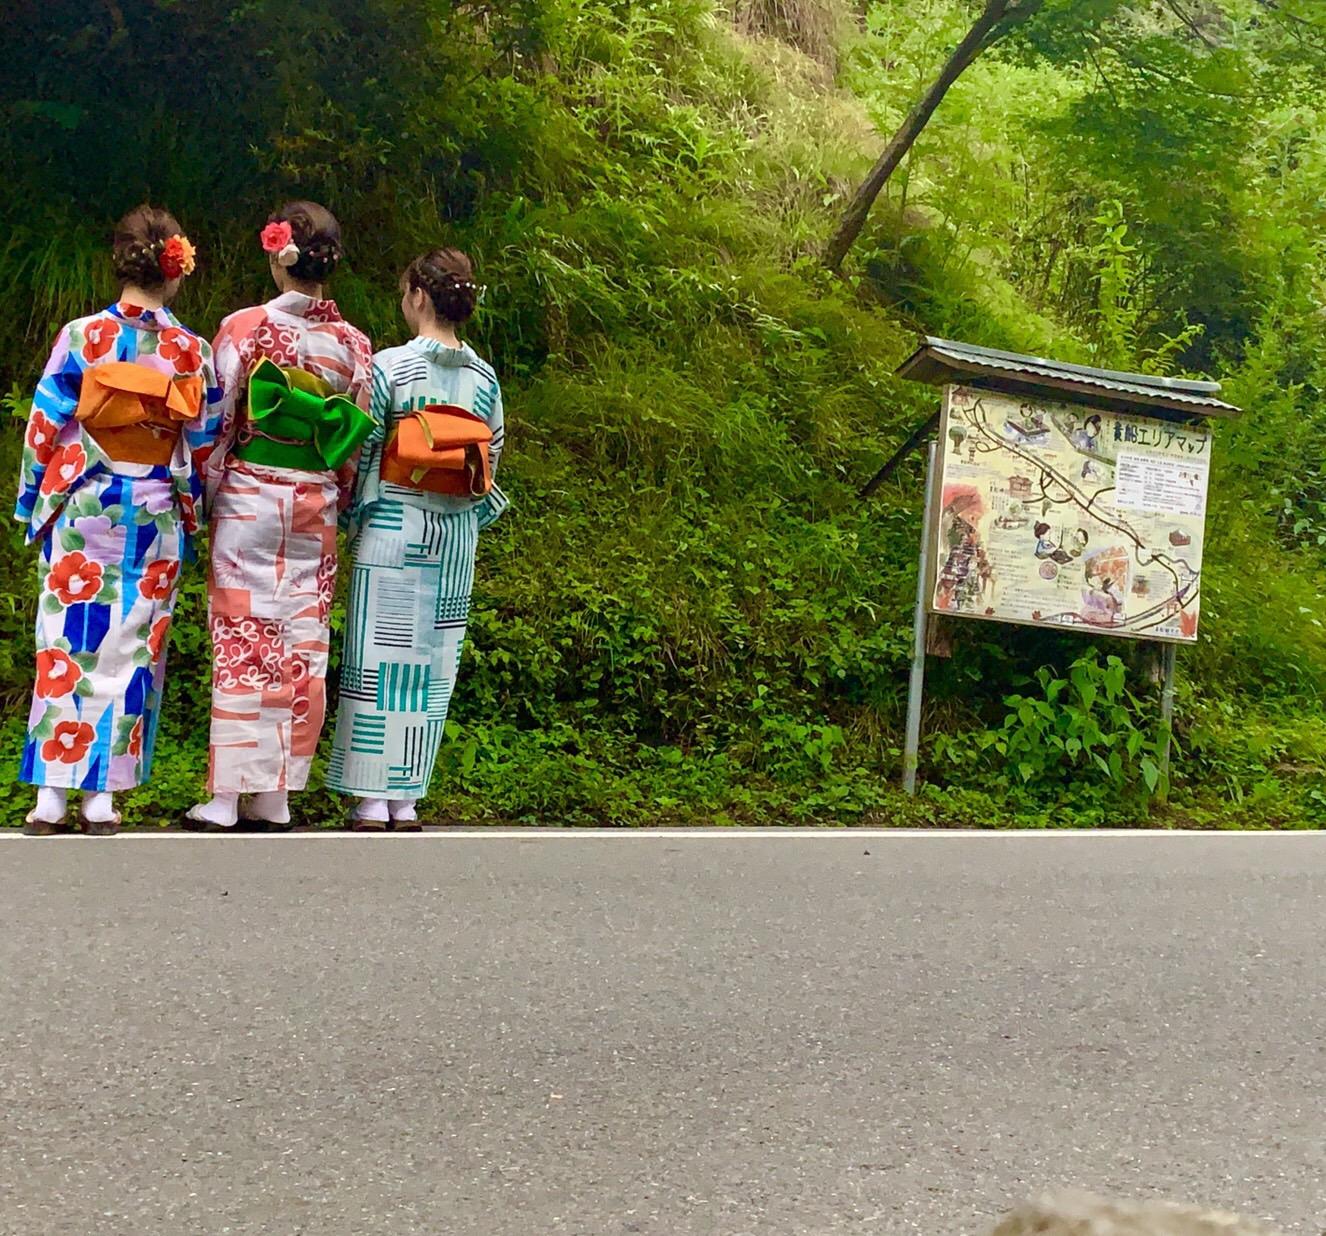 貴船神社「七夕笹飾りライトアップ」2019 2019年7月5日4